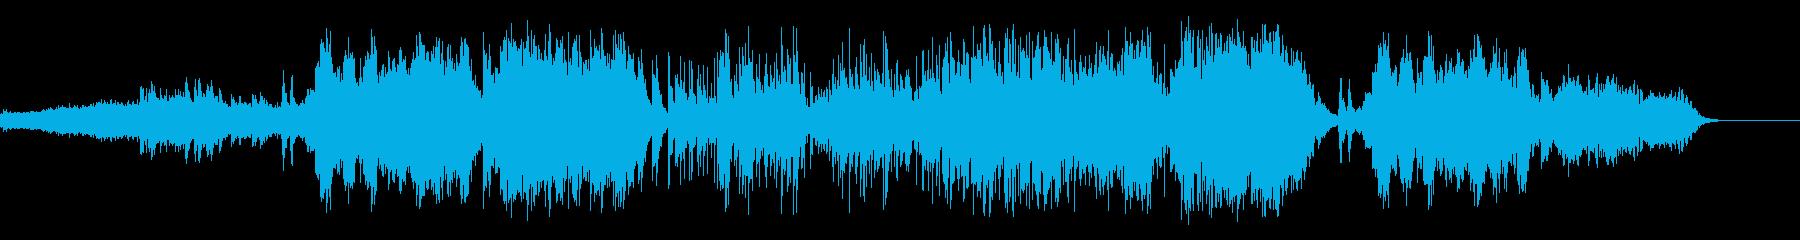 動画 説明的 静か やる気 平和 ...の再生済みの波形